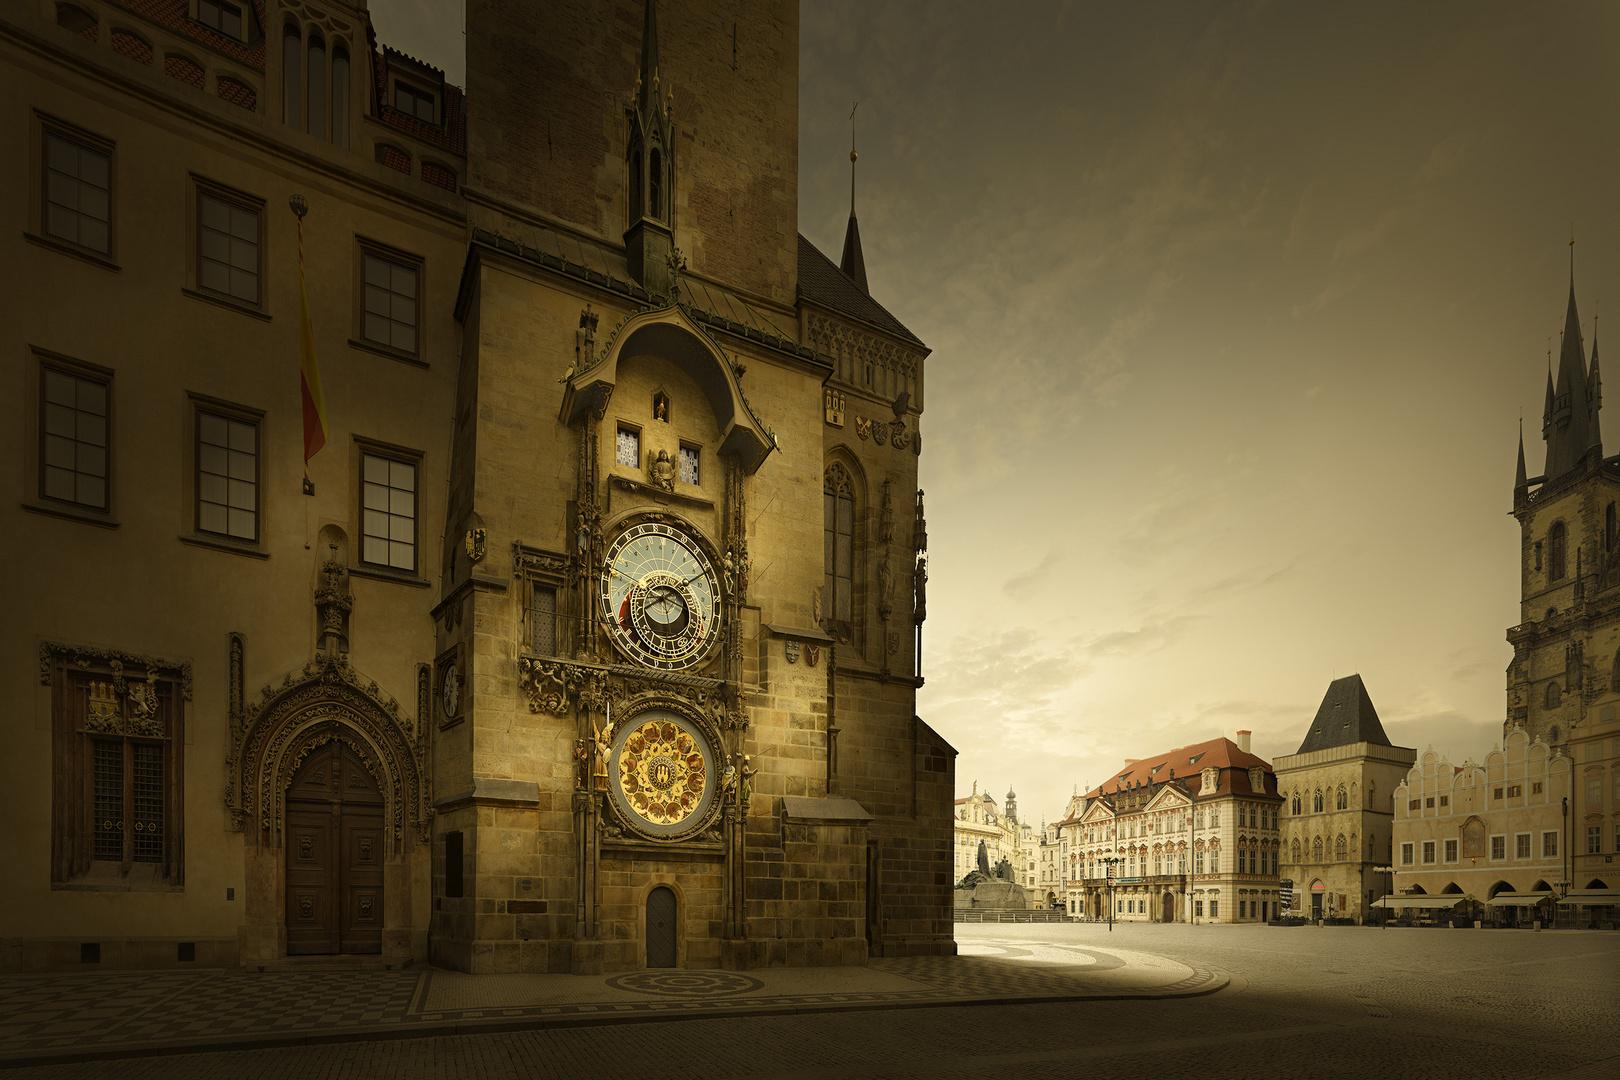 Prague Astronomical Clock. After Photoshop